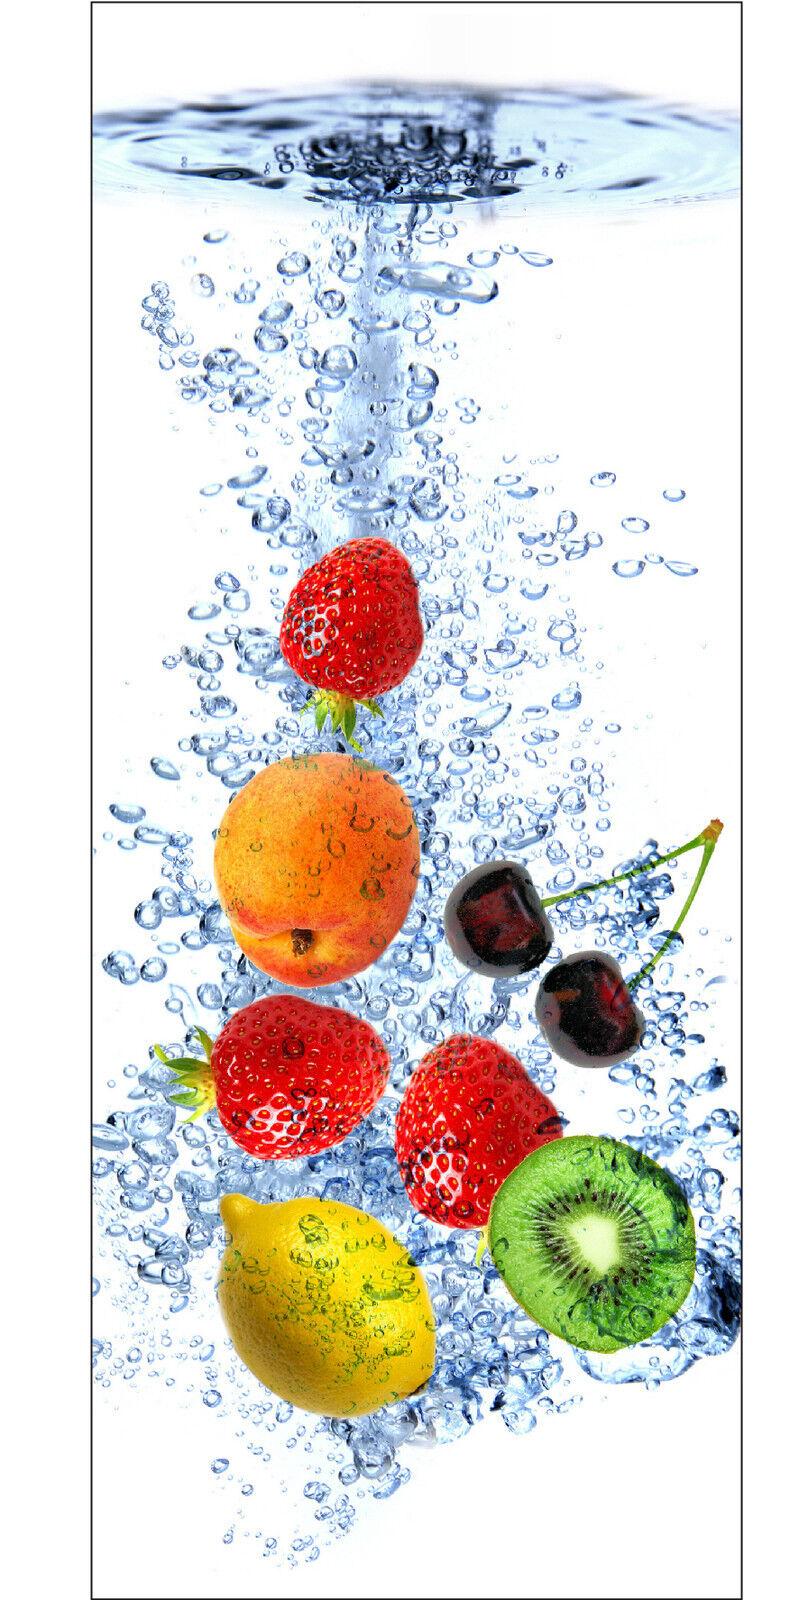 Plakat Plakat Tür Deko Schein Auge Früchte Ref 727 - 4 Größe